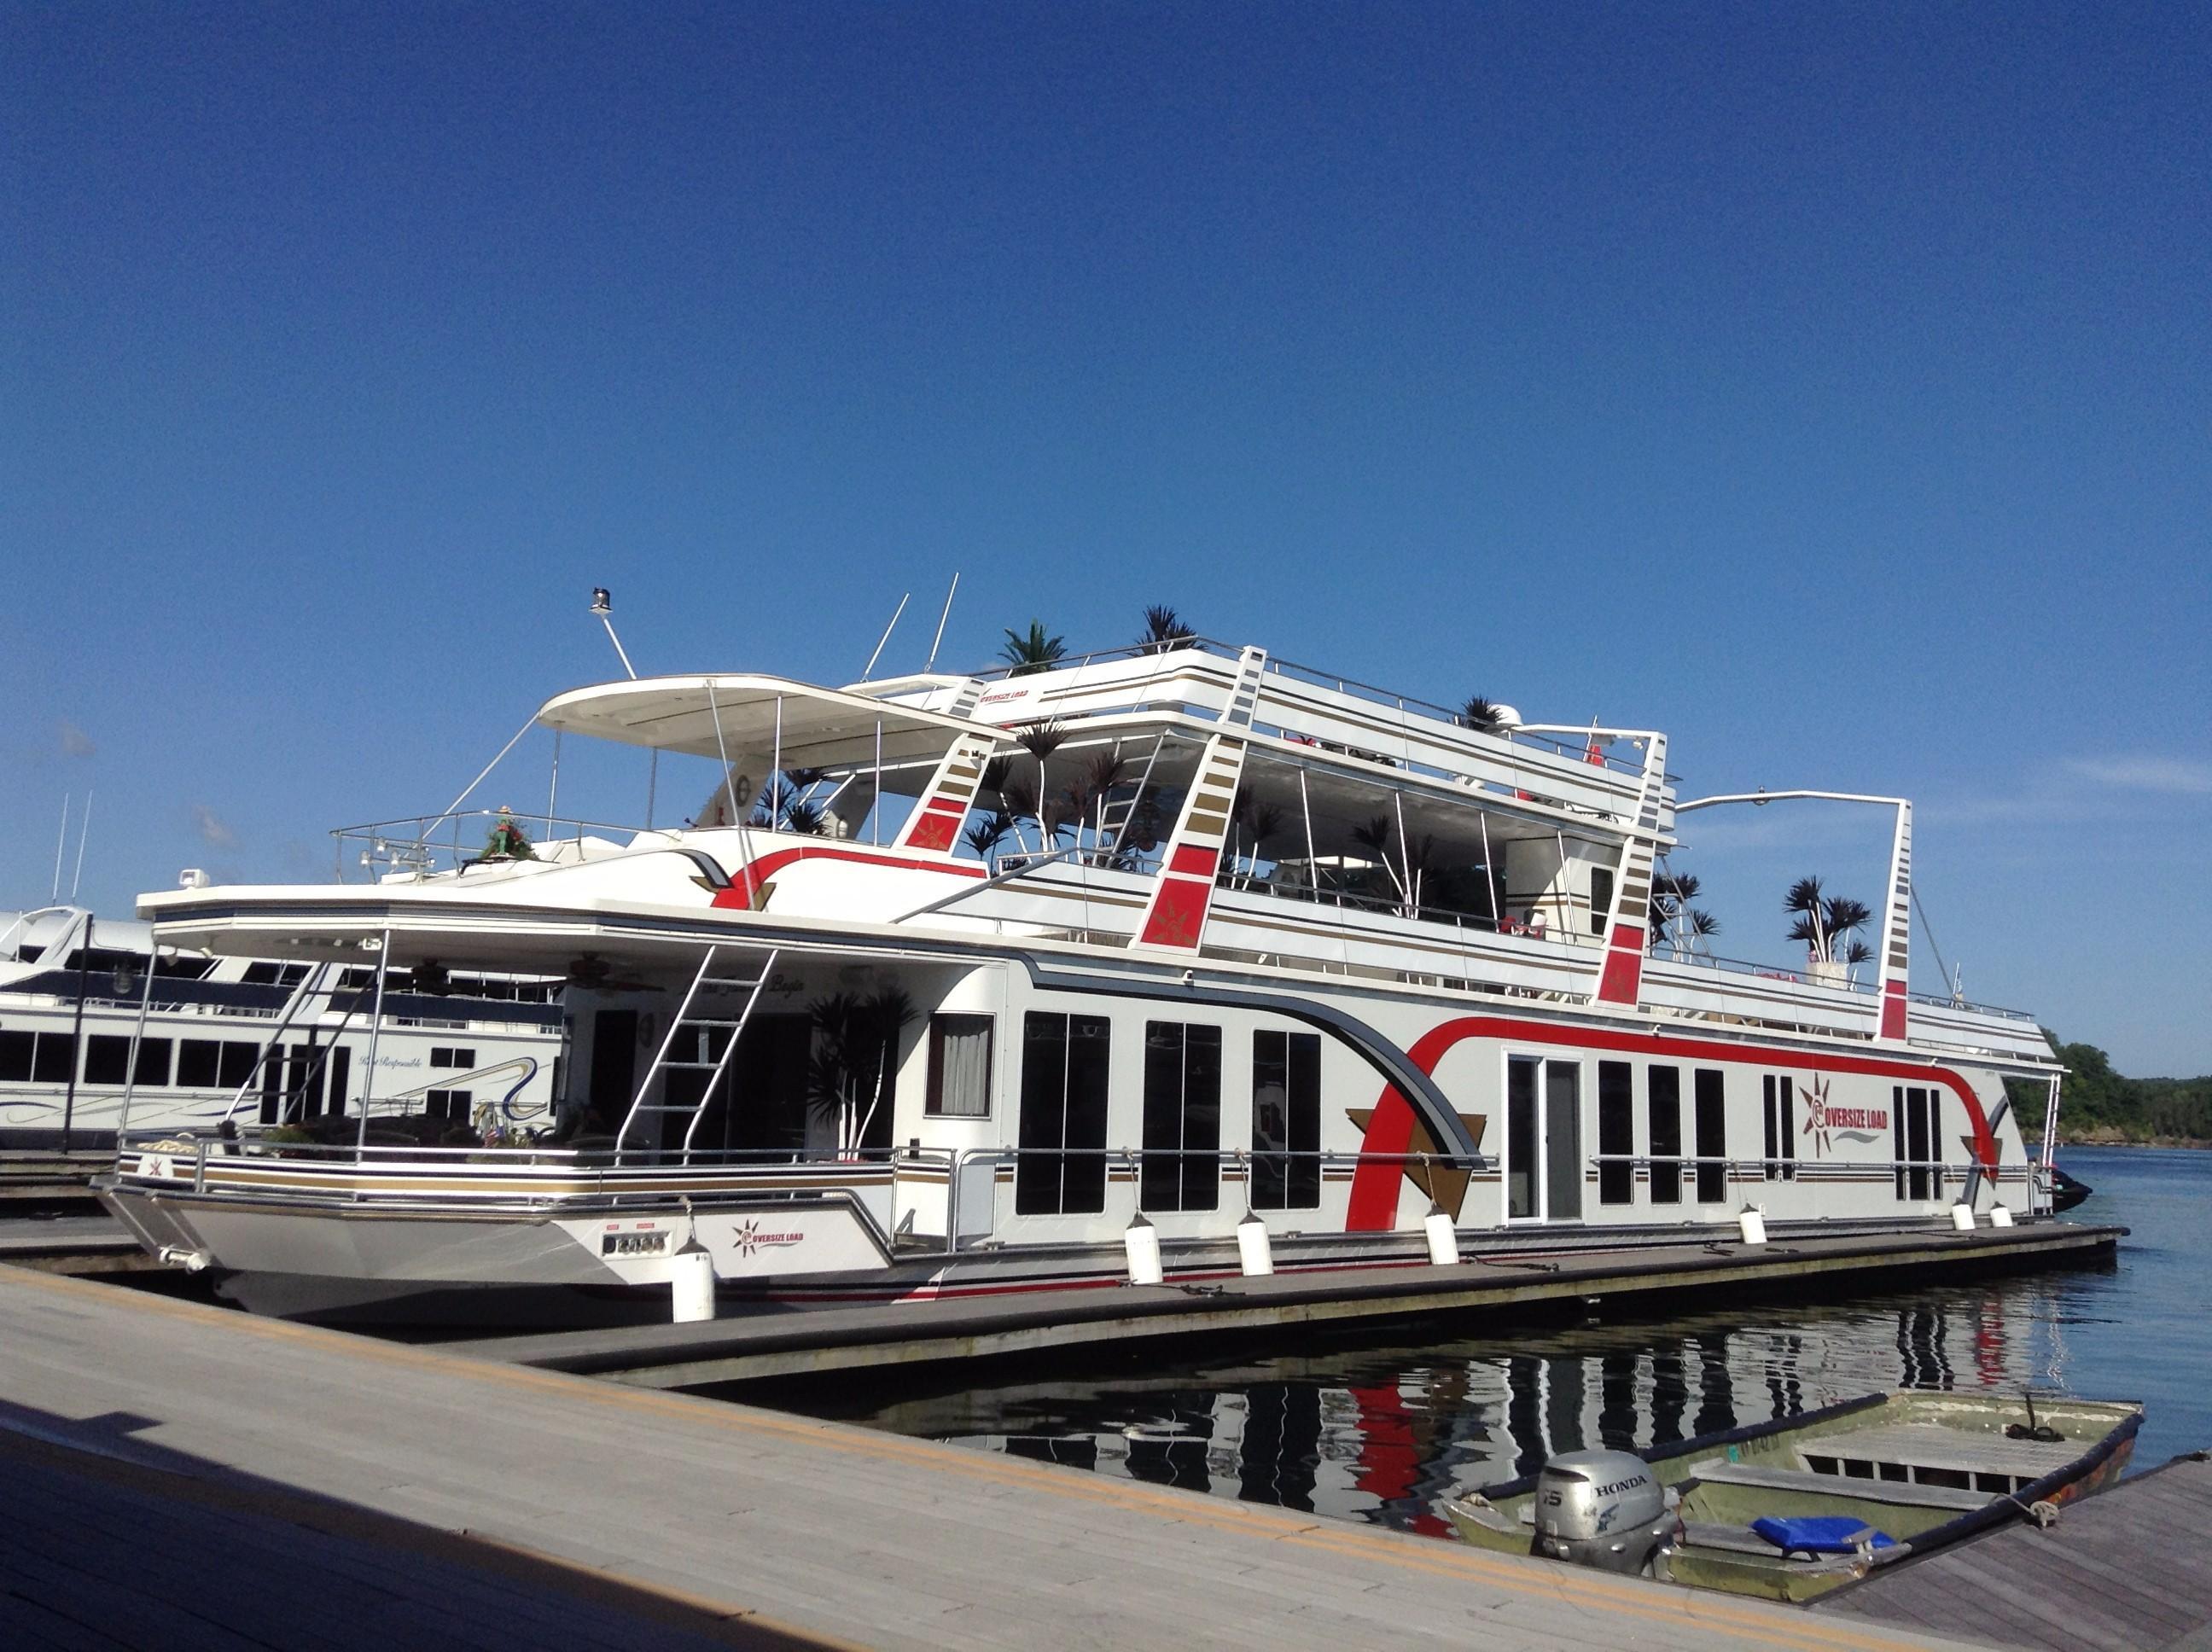 Captivating YachtWorld.com